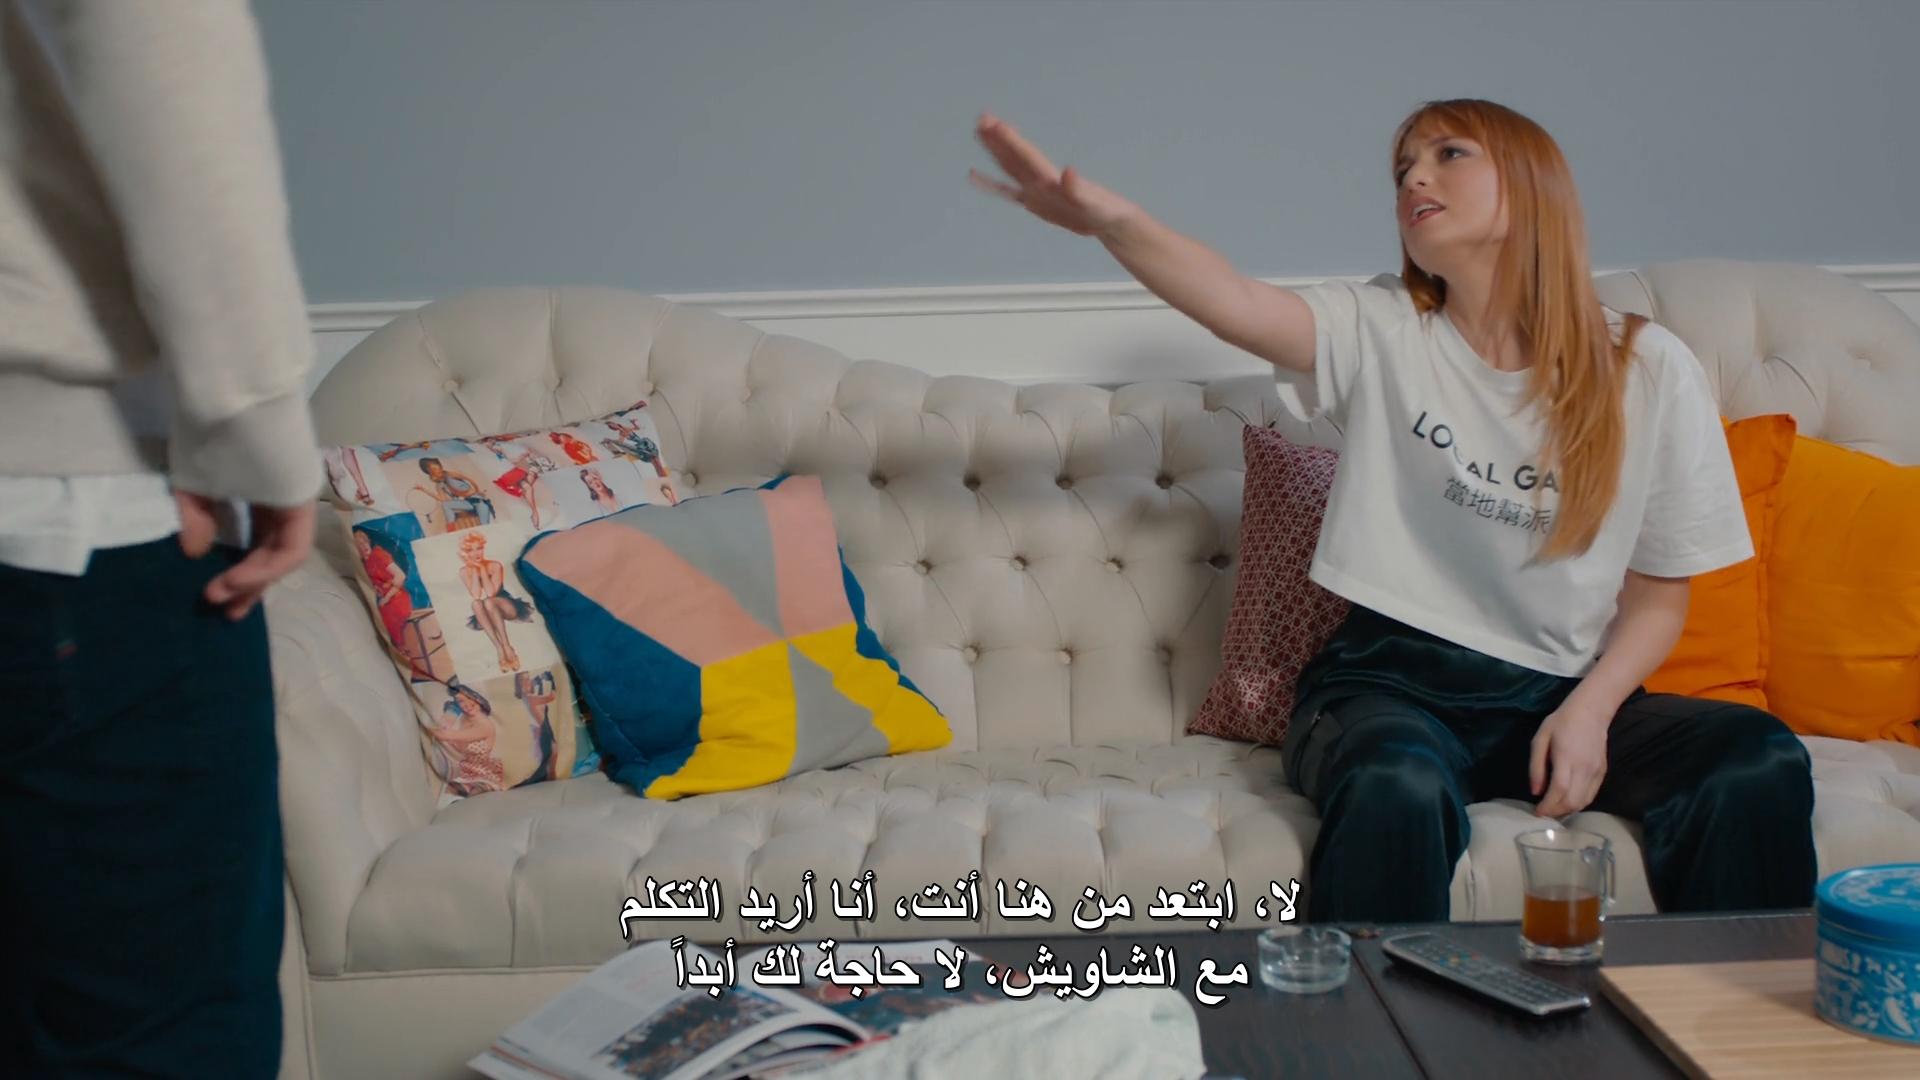 المسلسل التركي القصير نفس الشيء [م1 م2 م3][2019][مترجم][WEB DL][BLUTV][1080p] تحميل تورنت 19 arabp2p.com